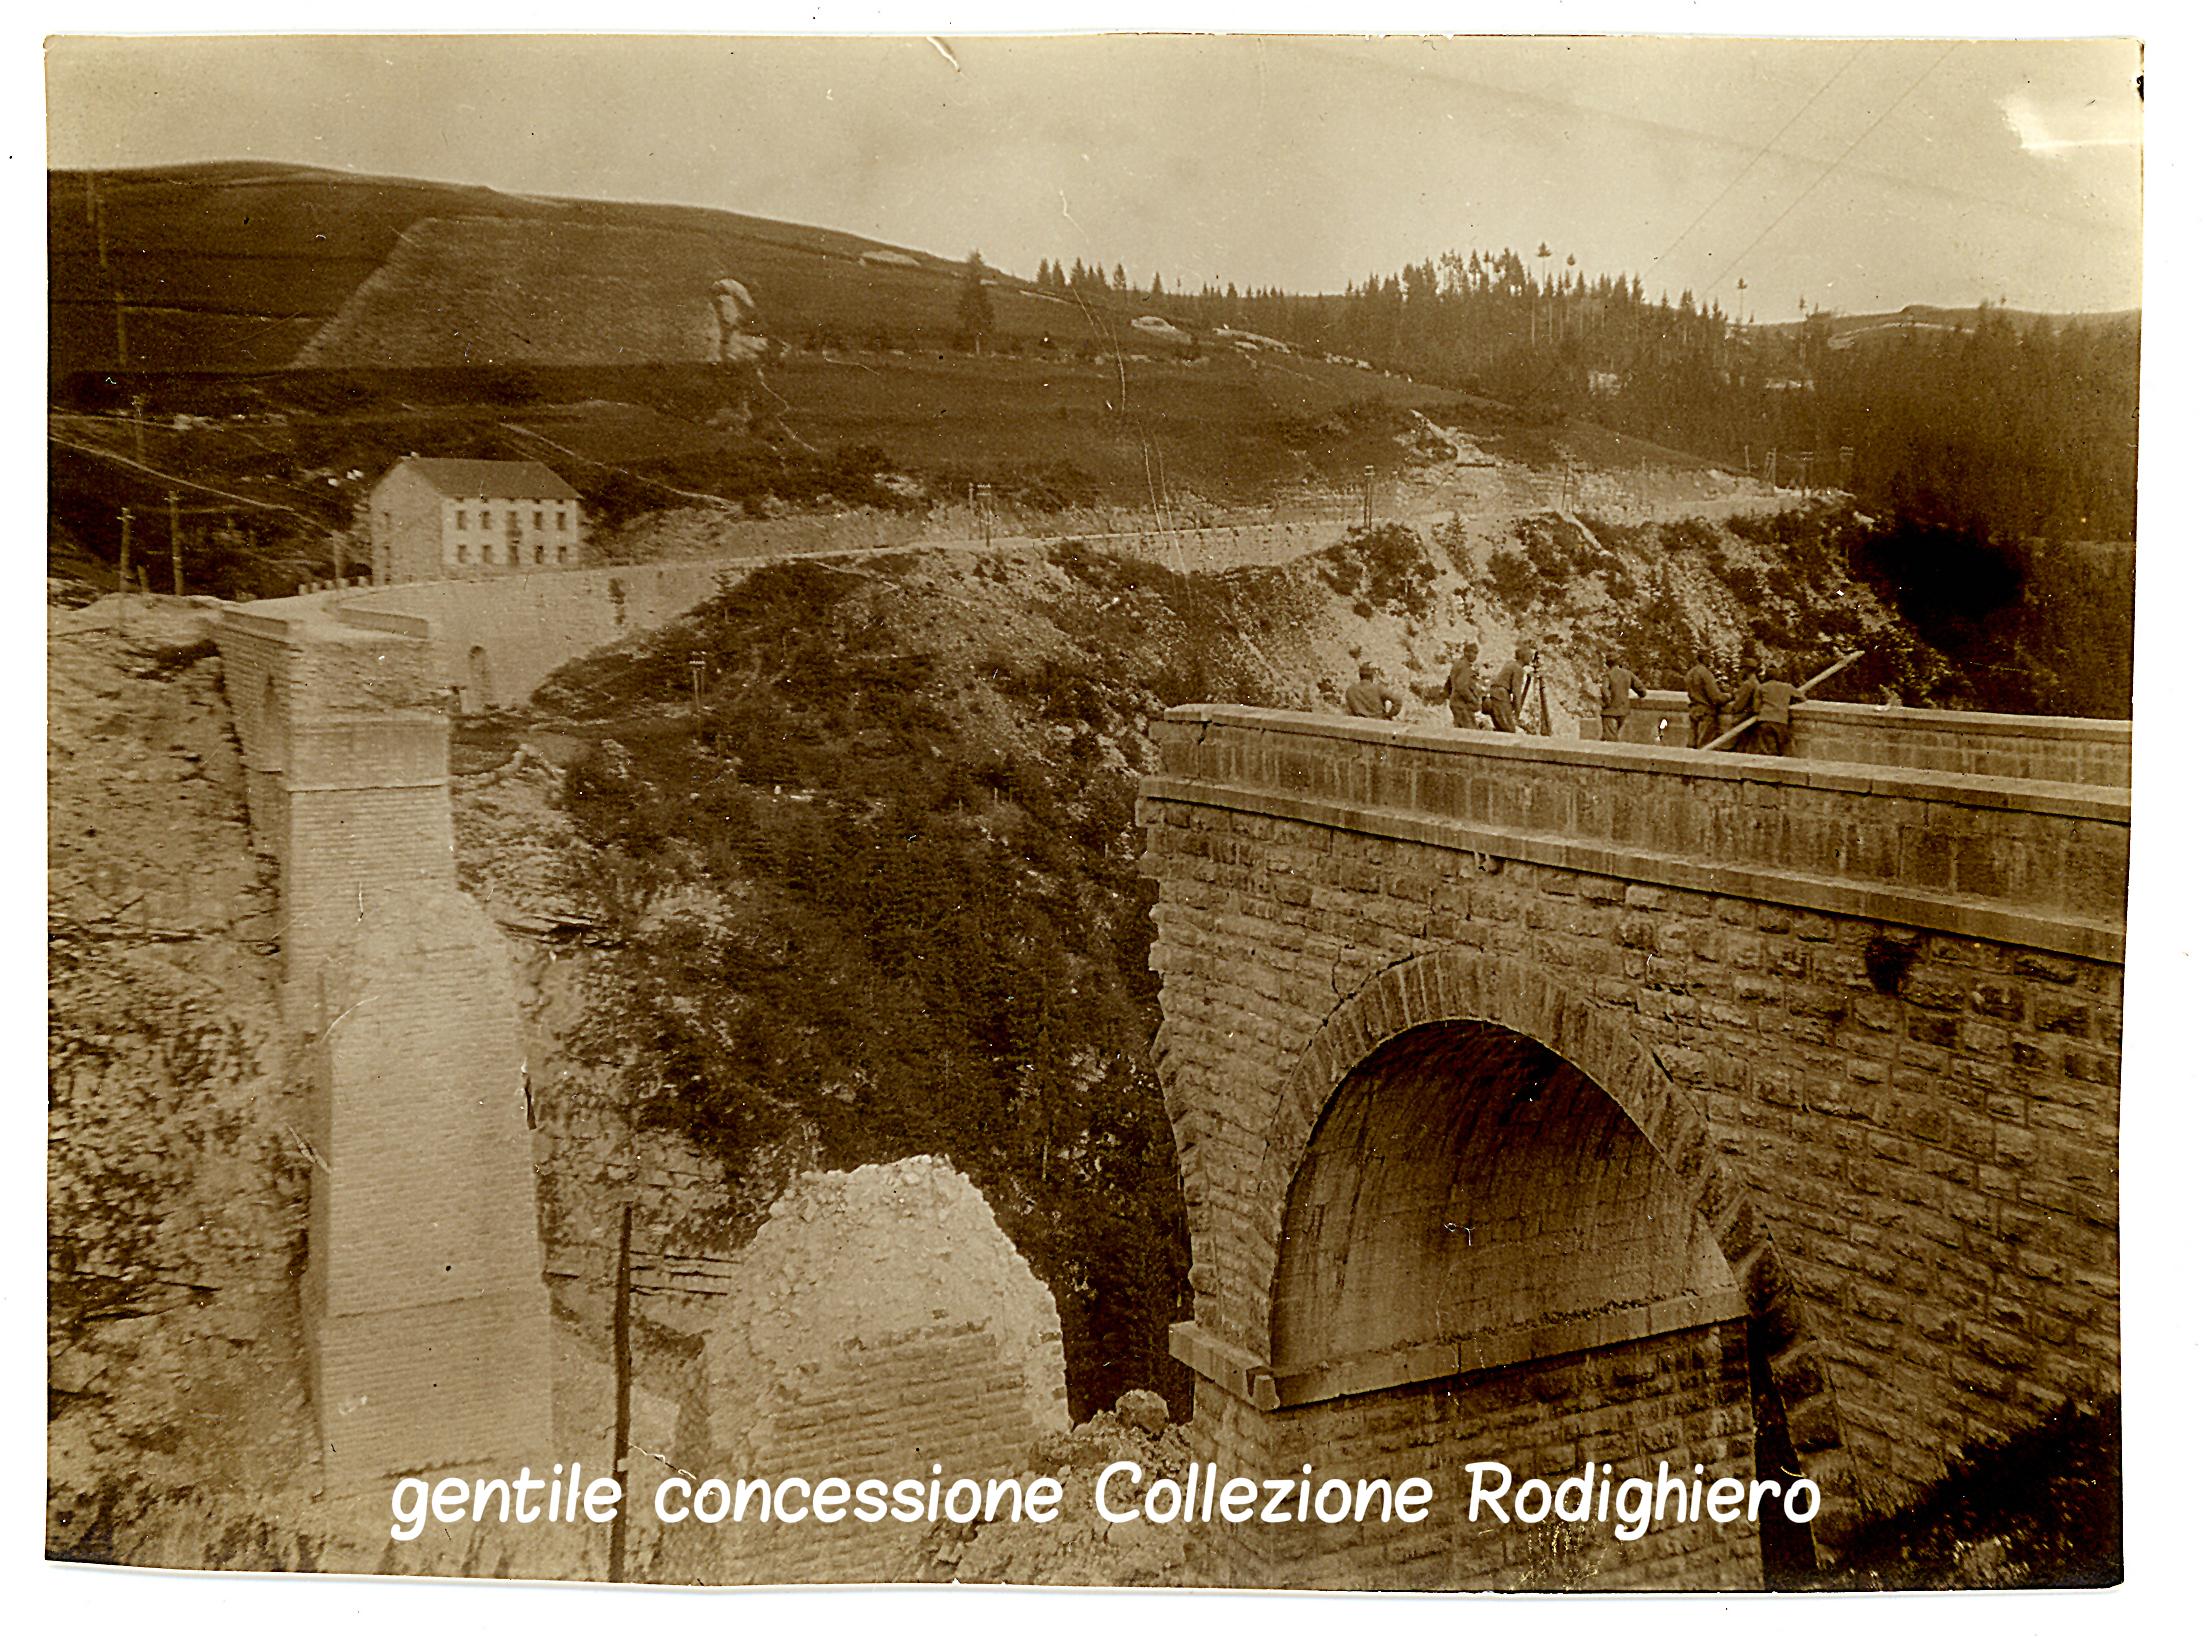 02 - il viadotto sulla Val D'Assa fatto saltare dagli italiani - (ASDM coll rodighiero) (c).jpg